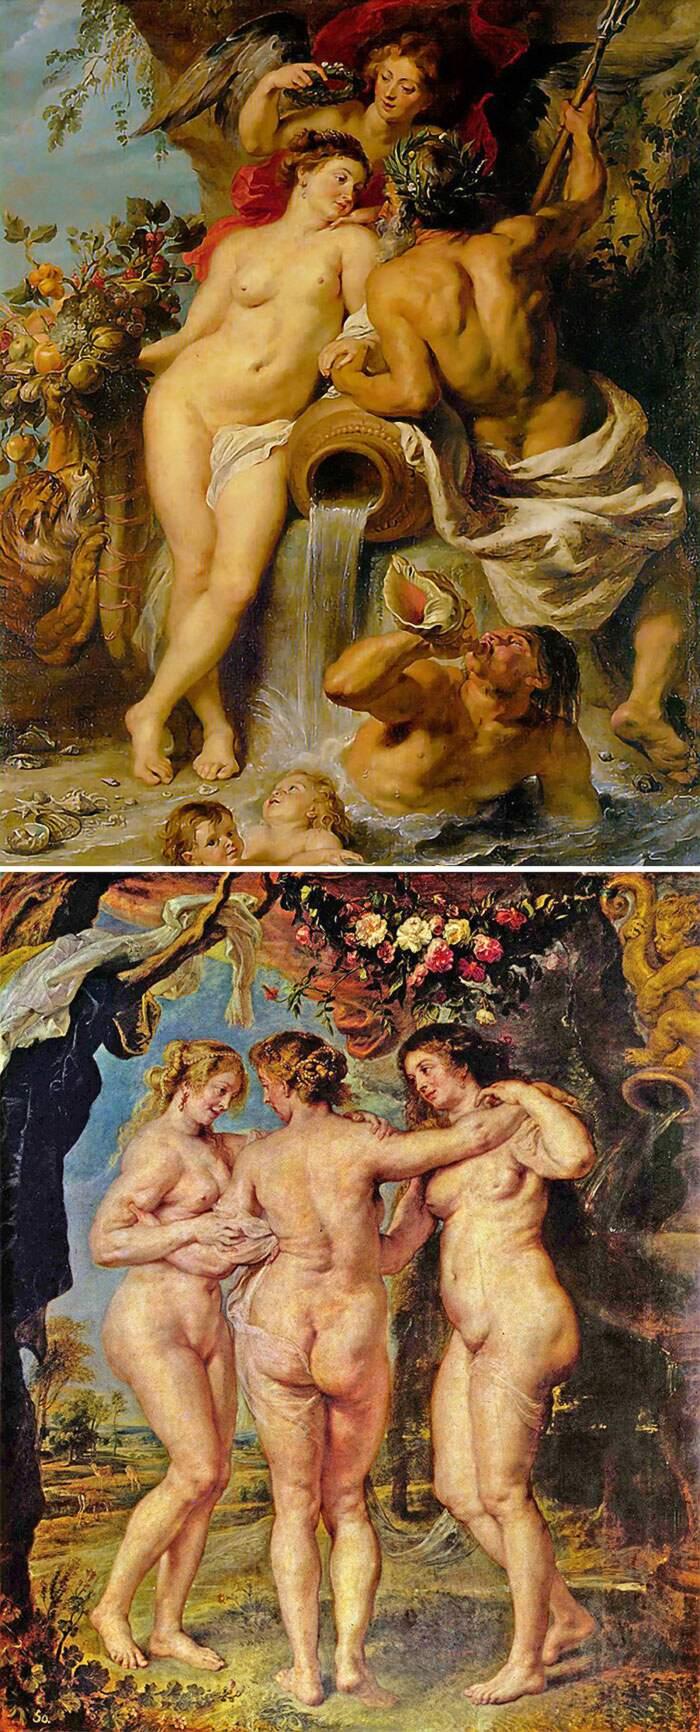 Come riconoscere artisti famosi dai loro quadri, Pieter Paul Rubens